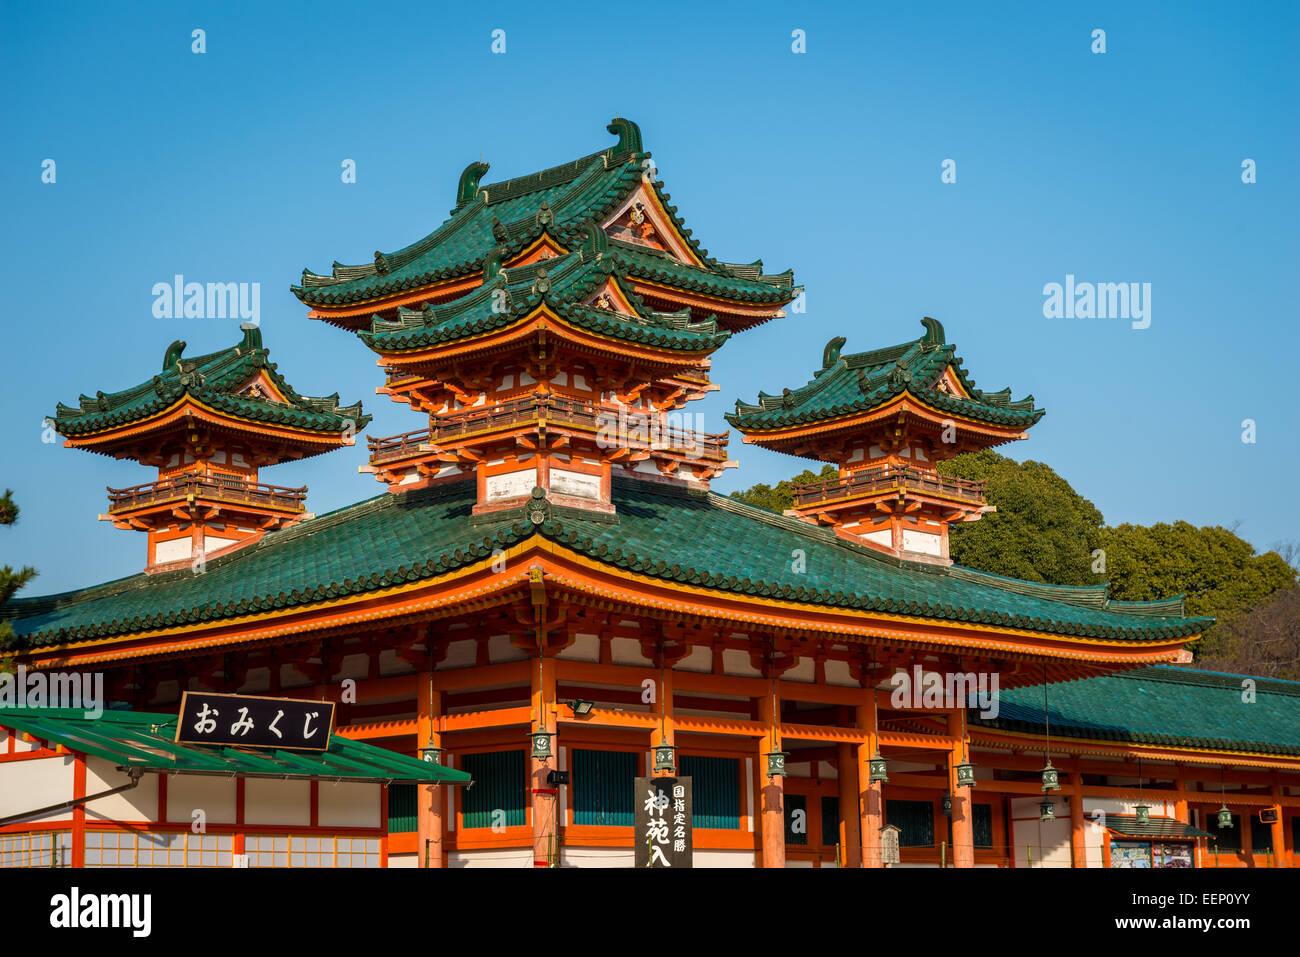 tradizionale architettura giapponese sul display al